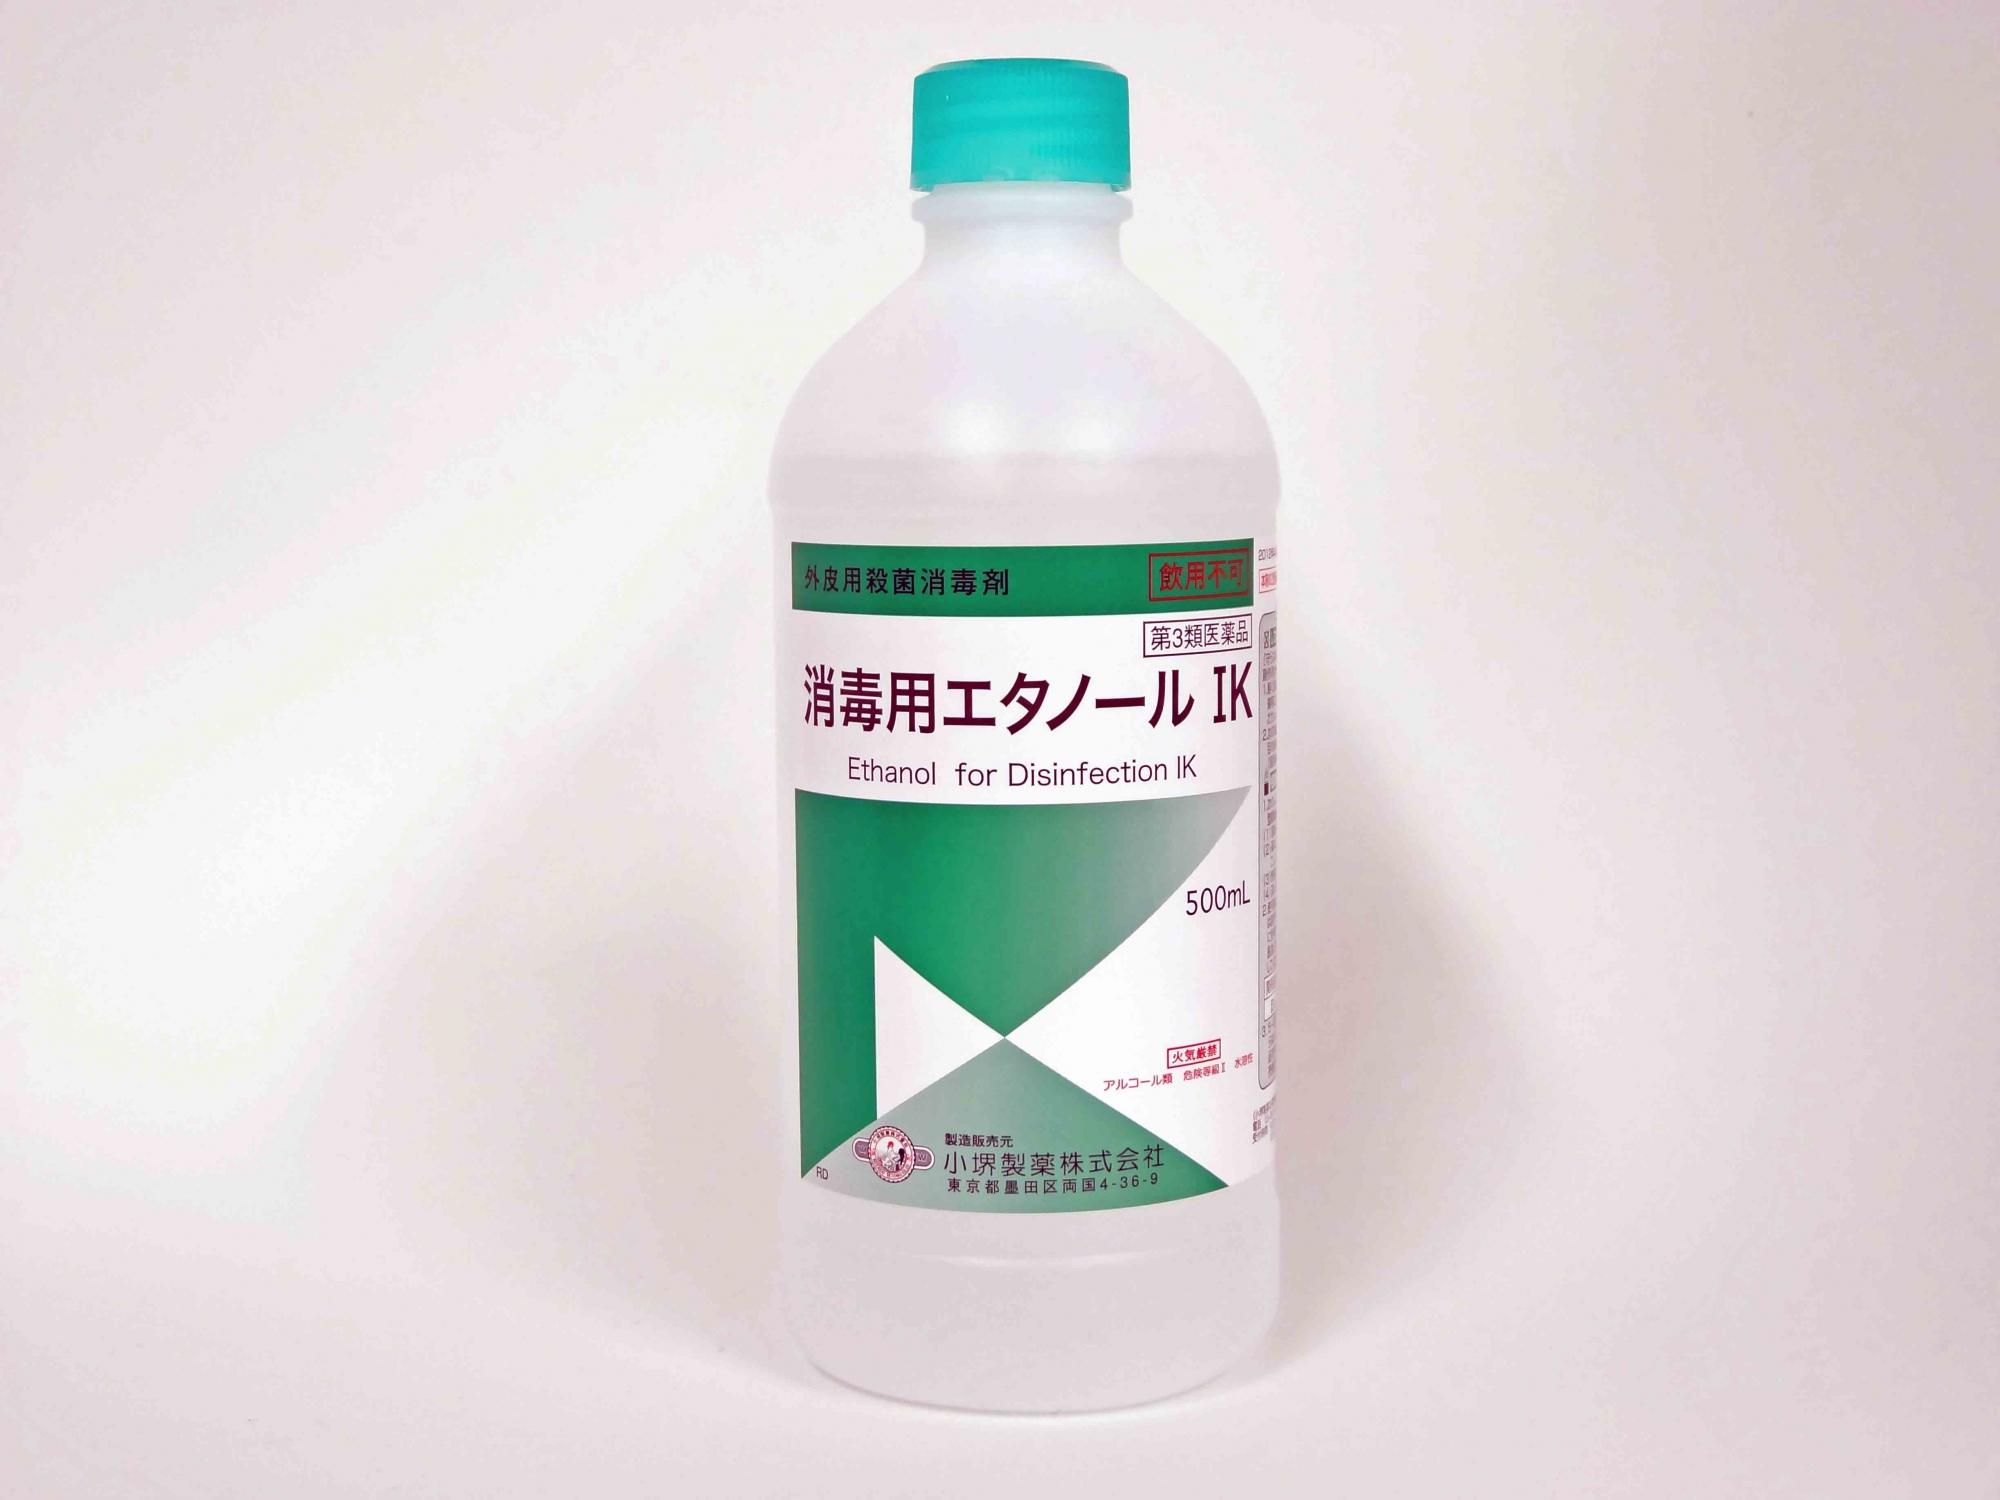 消毒 使用 期限 液 エタノール